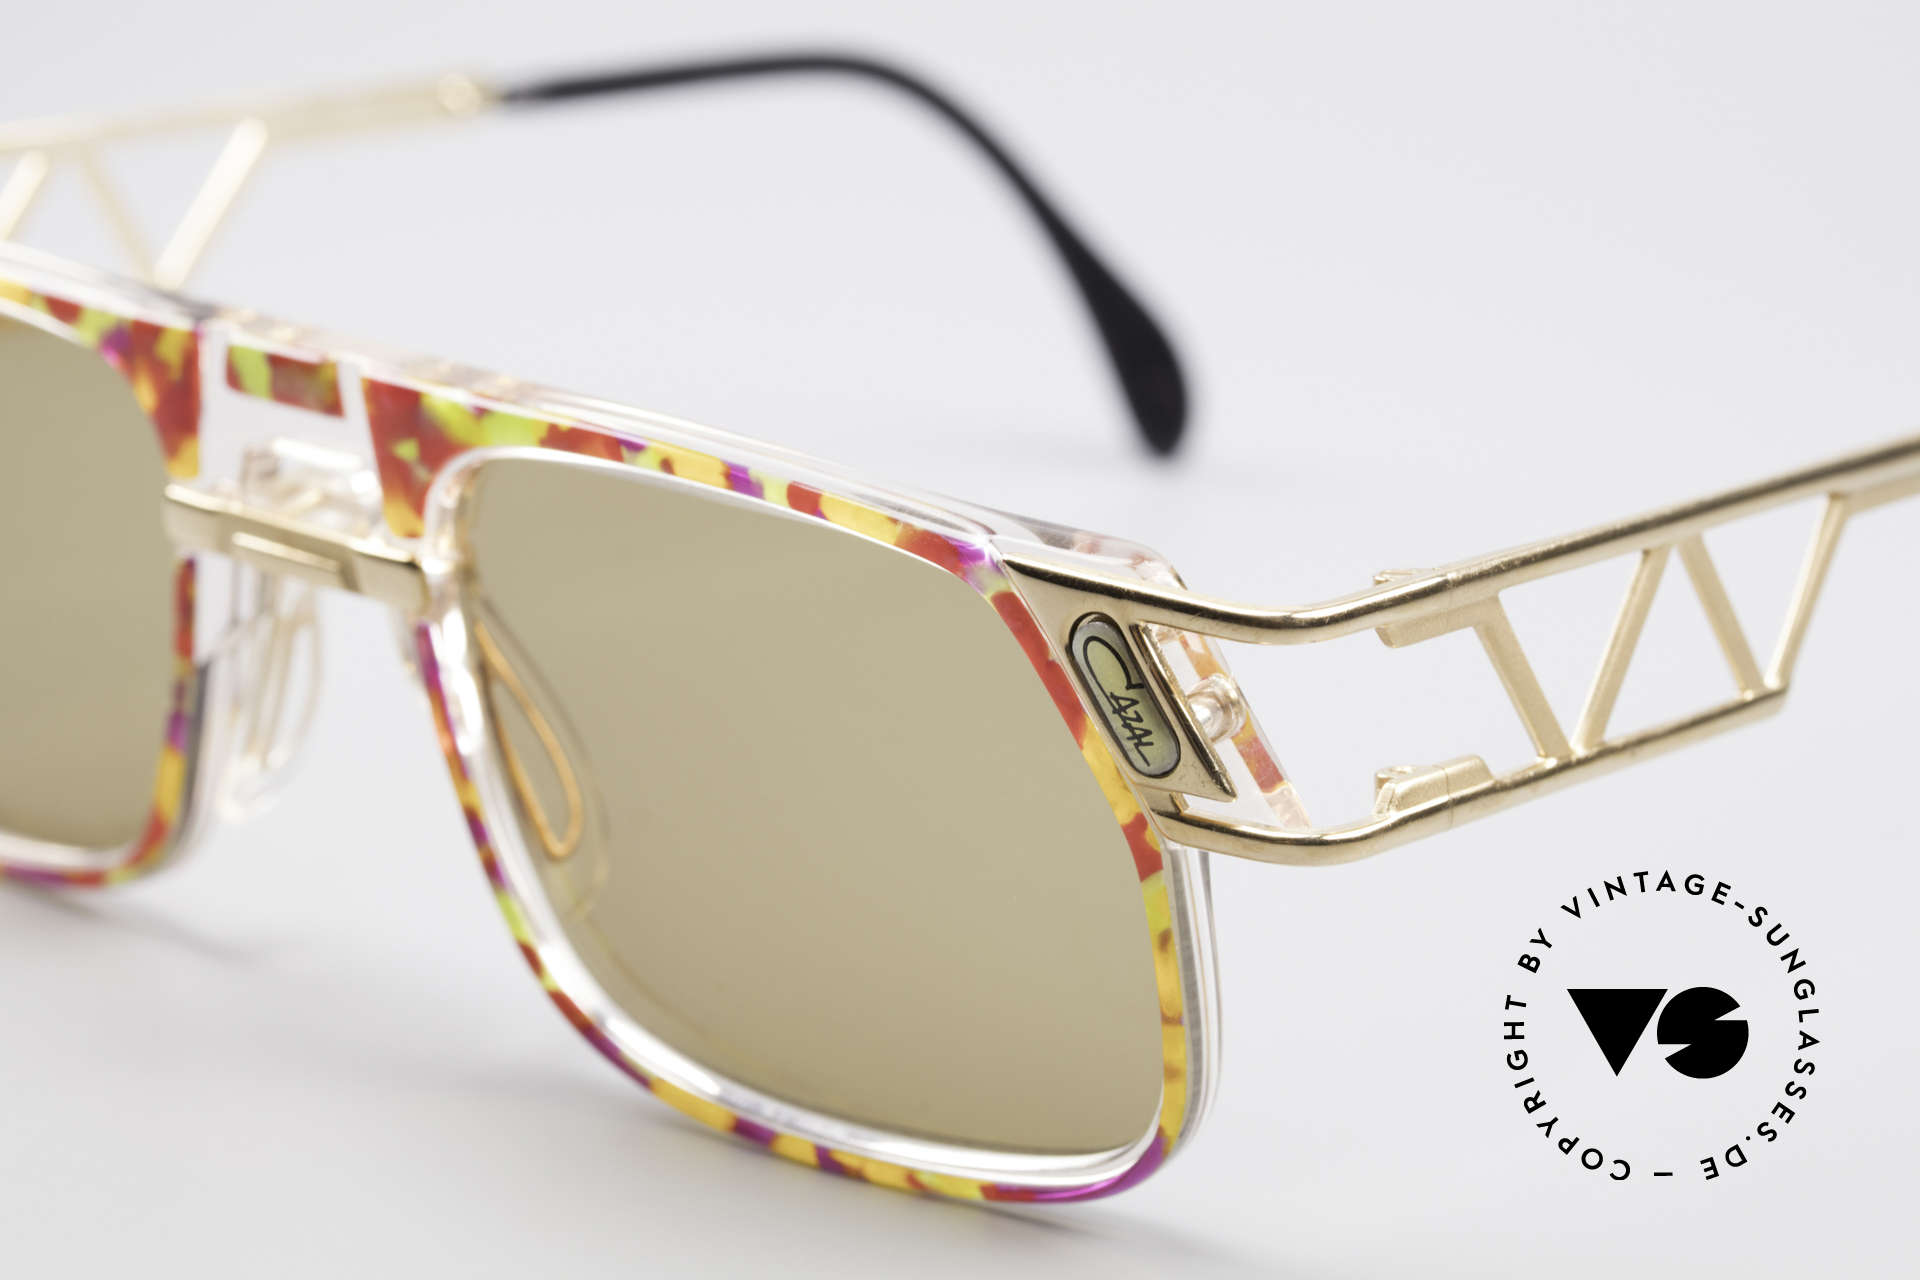 Cazal 876 90er Designer Sonnenbrille, original Cazal Gläser mit UV PROTECTION Markierung, Passend für Herren und Damen